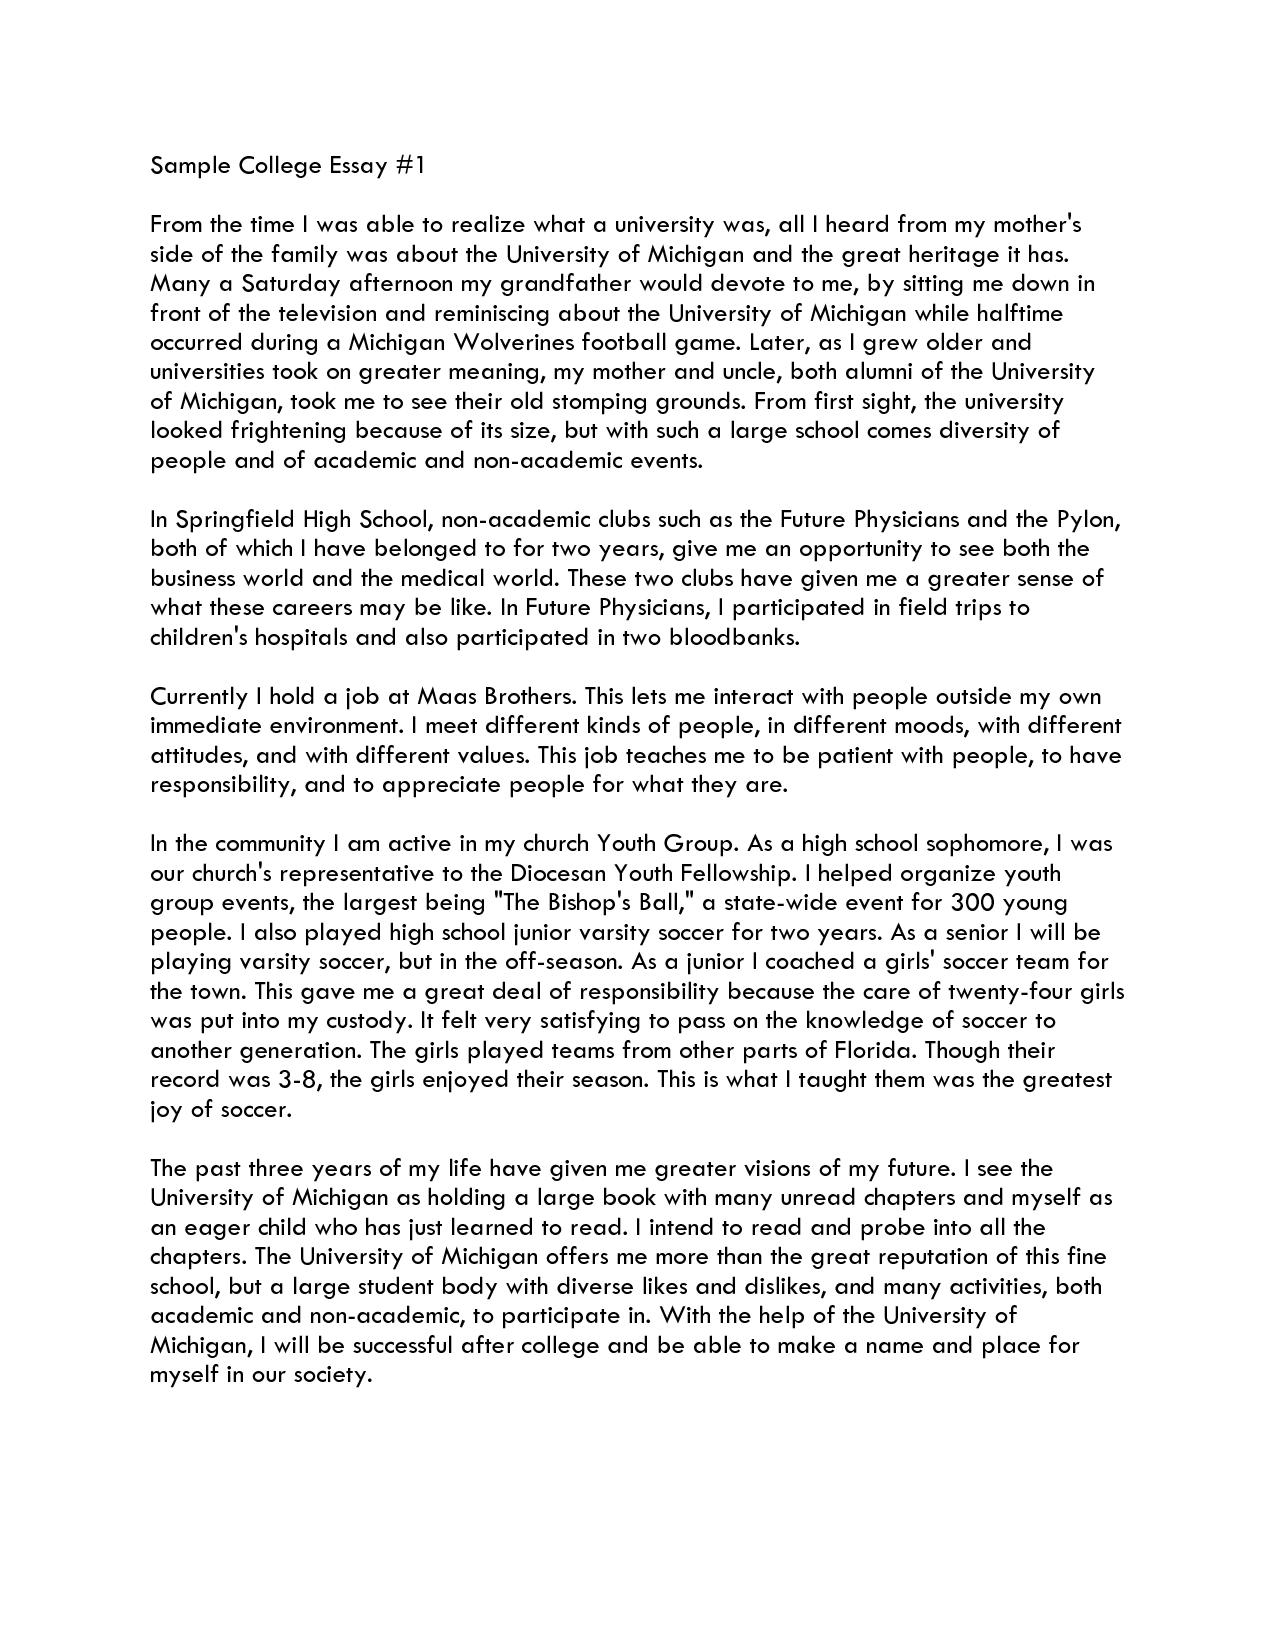 008 Sei7qjtc4a Persuasive Essay Example Excellent College Level Pdf Full